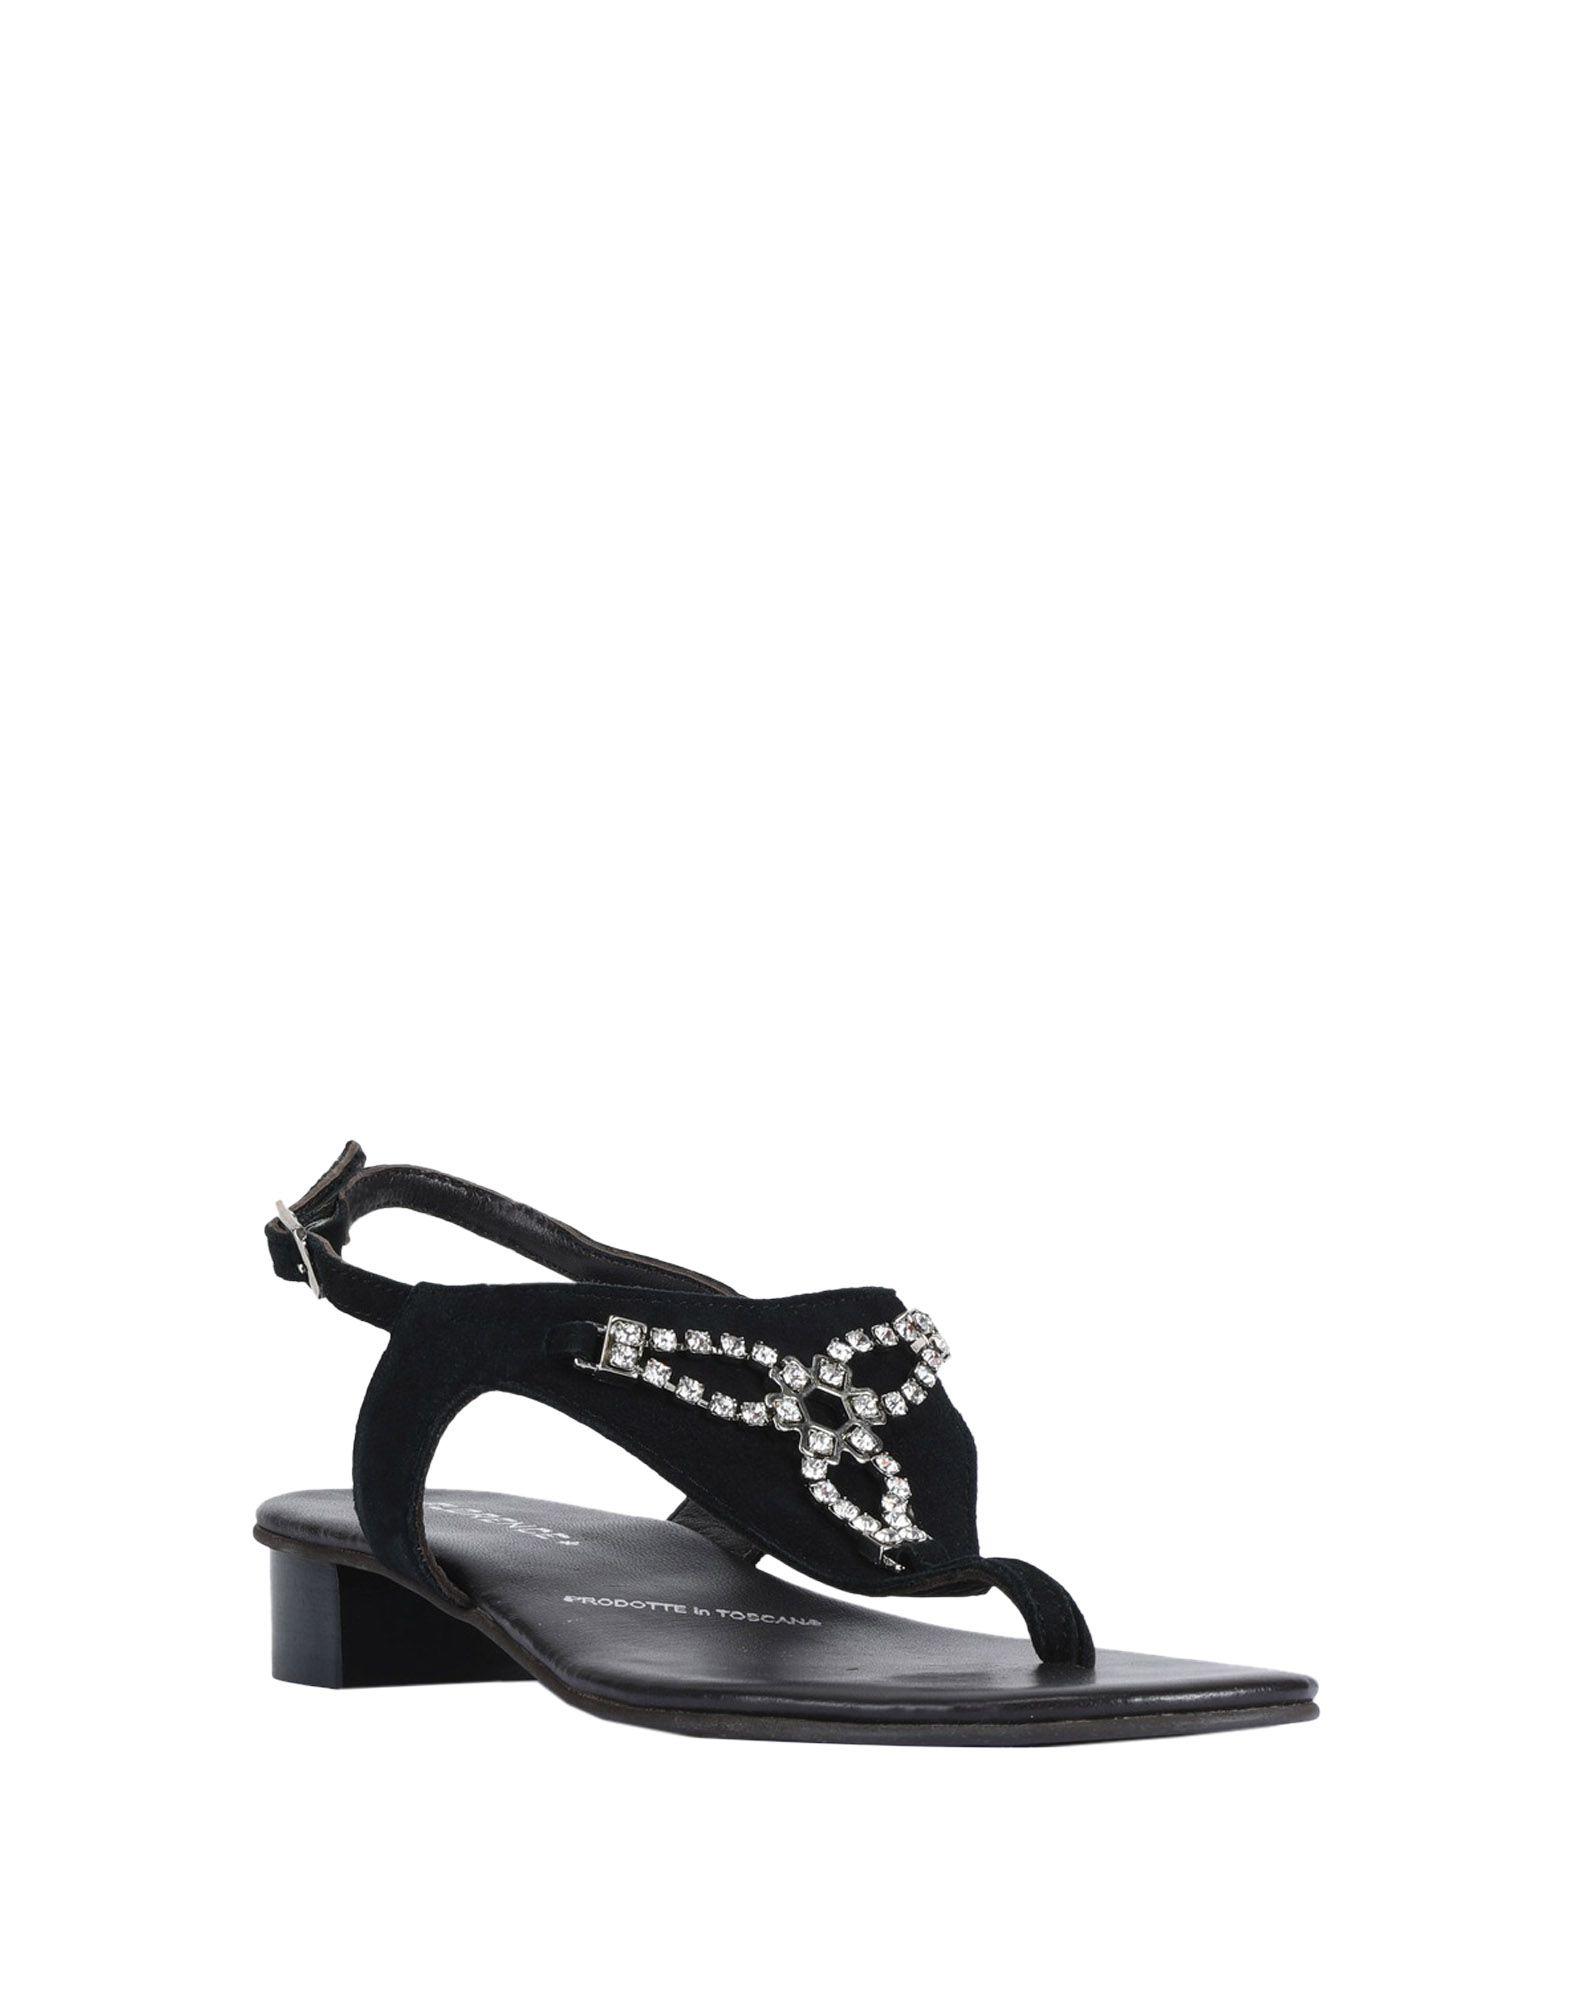 Florence Dianetten Damen  11527423JG Schuhe Gute Qualität beliebte Schuhe 11527423JG 0269bf